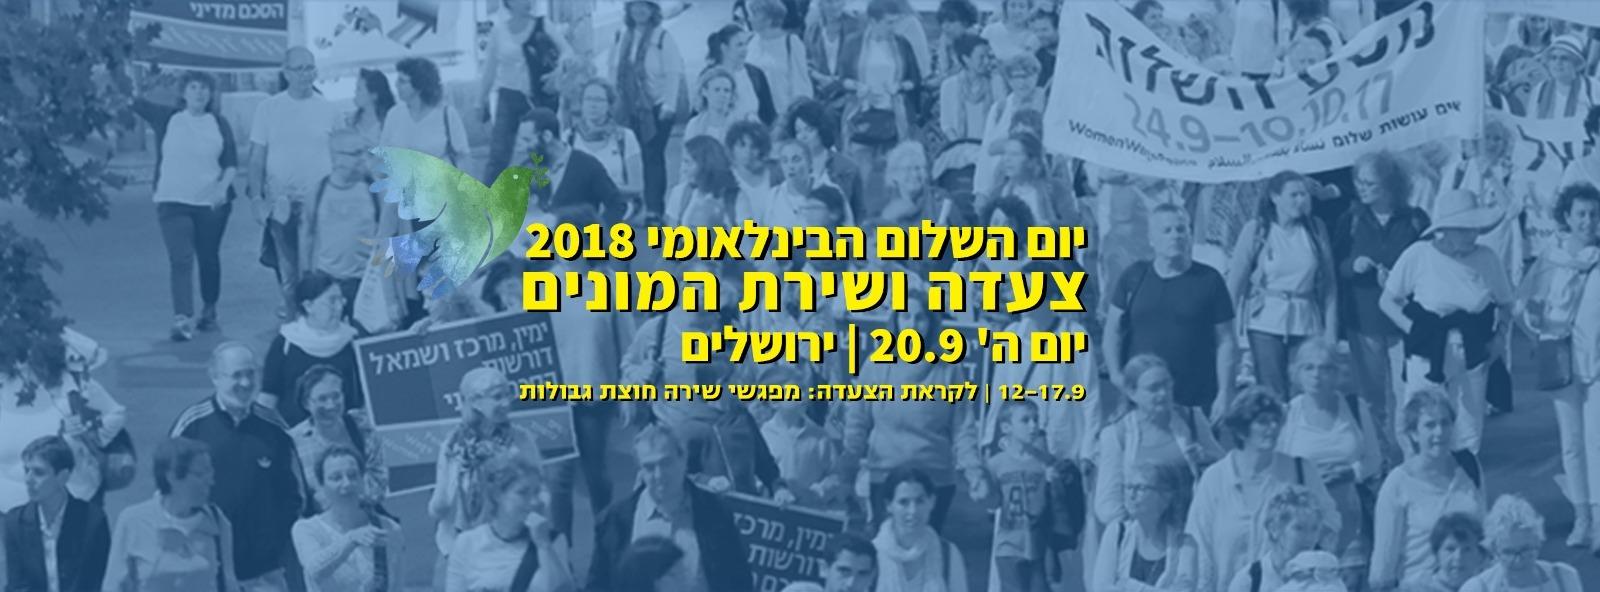 20 בספטמבר - צעדה ושירת המונים בירושלים